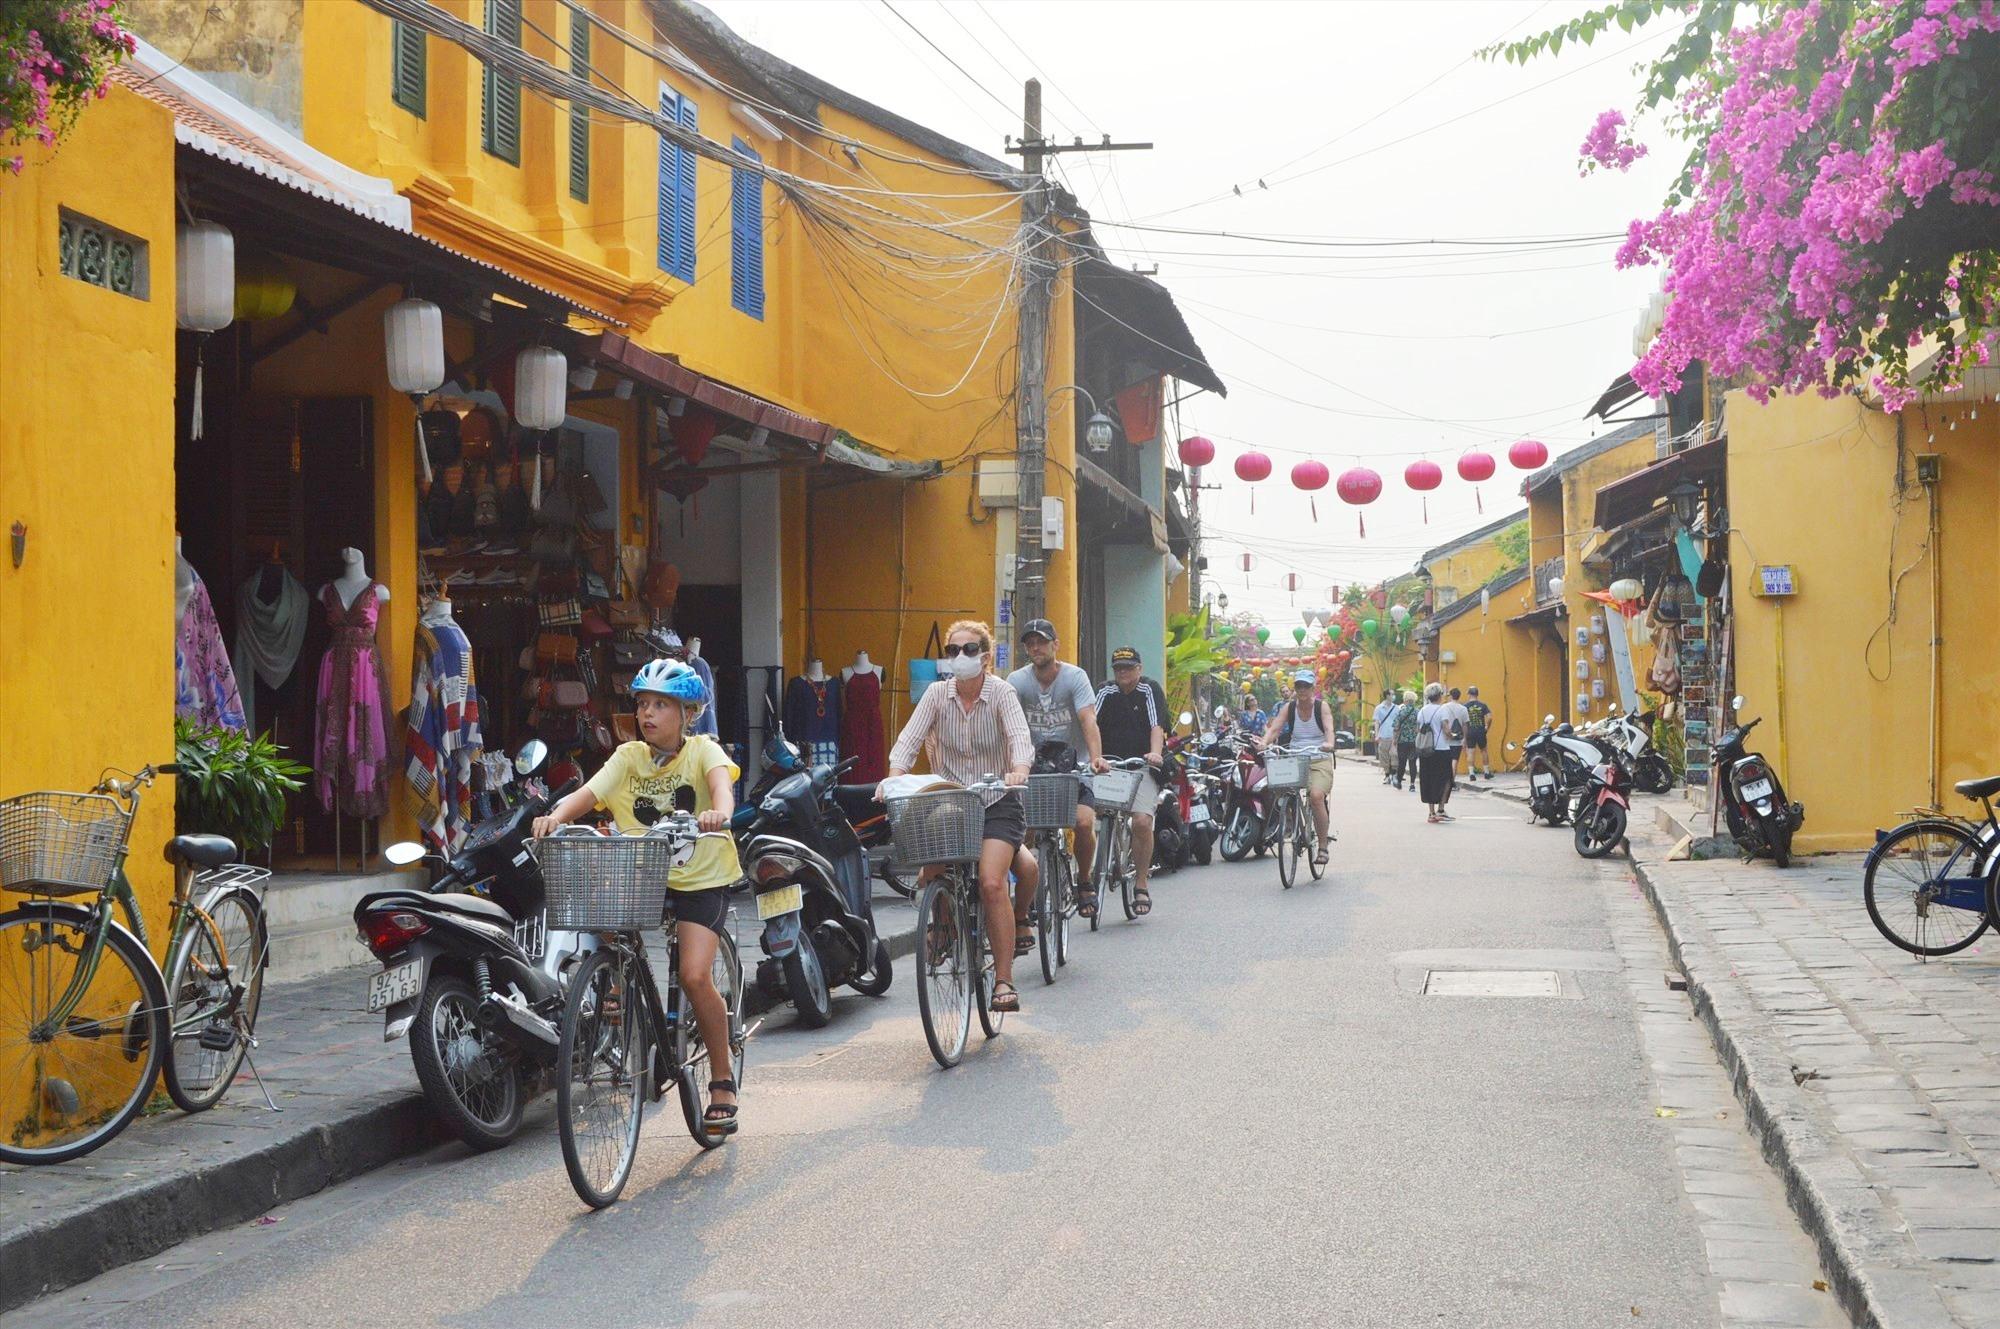 Rất ít khách nước ngoài đeo khẩu trang khi tham quan phố cổ